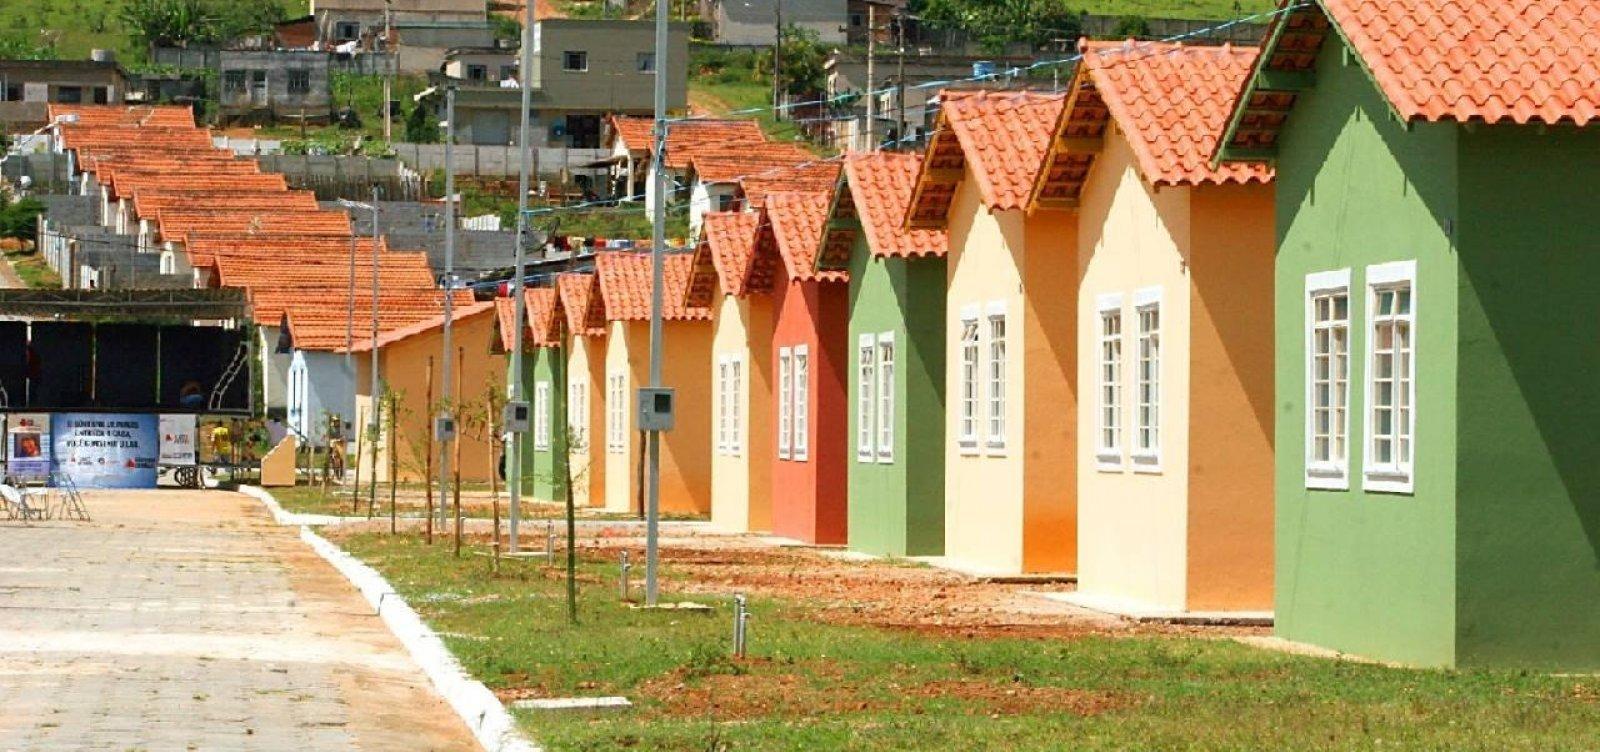 'Minha Casa Minha Vida' de Bolsonaro deve ter aluguel em vez de posse